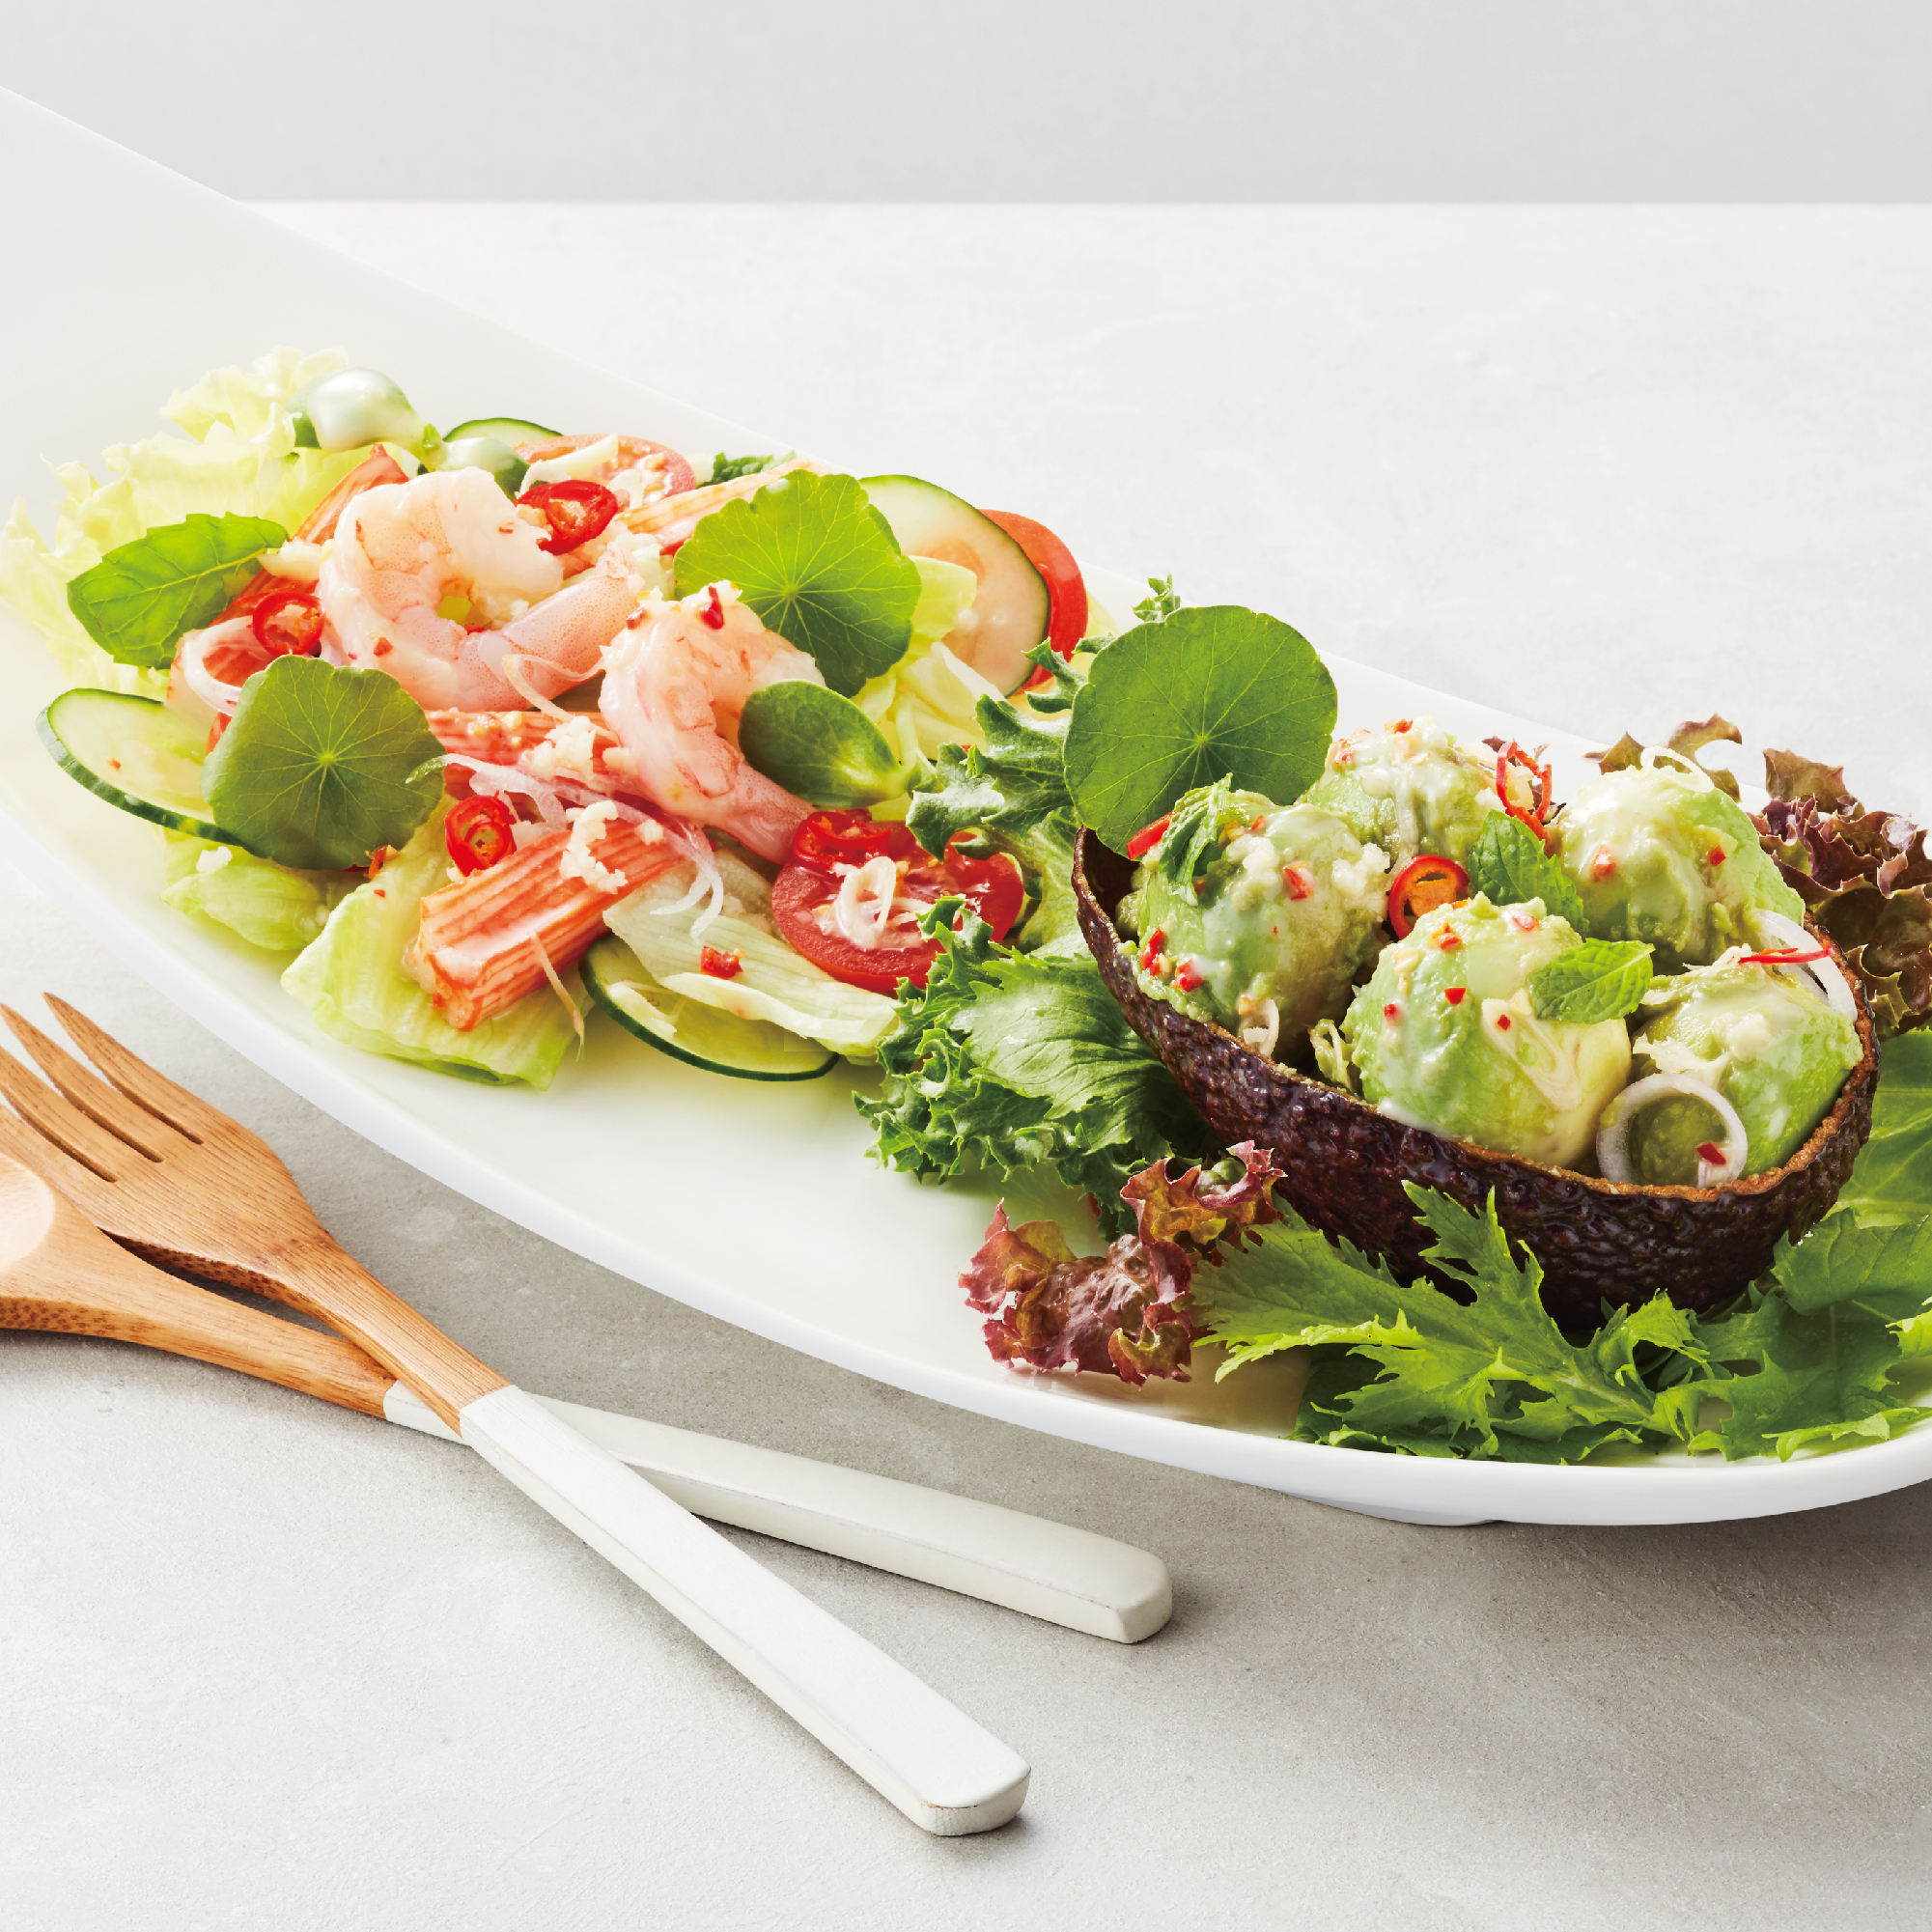 Spicy Avocado Salad